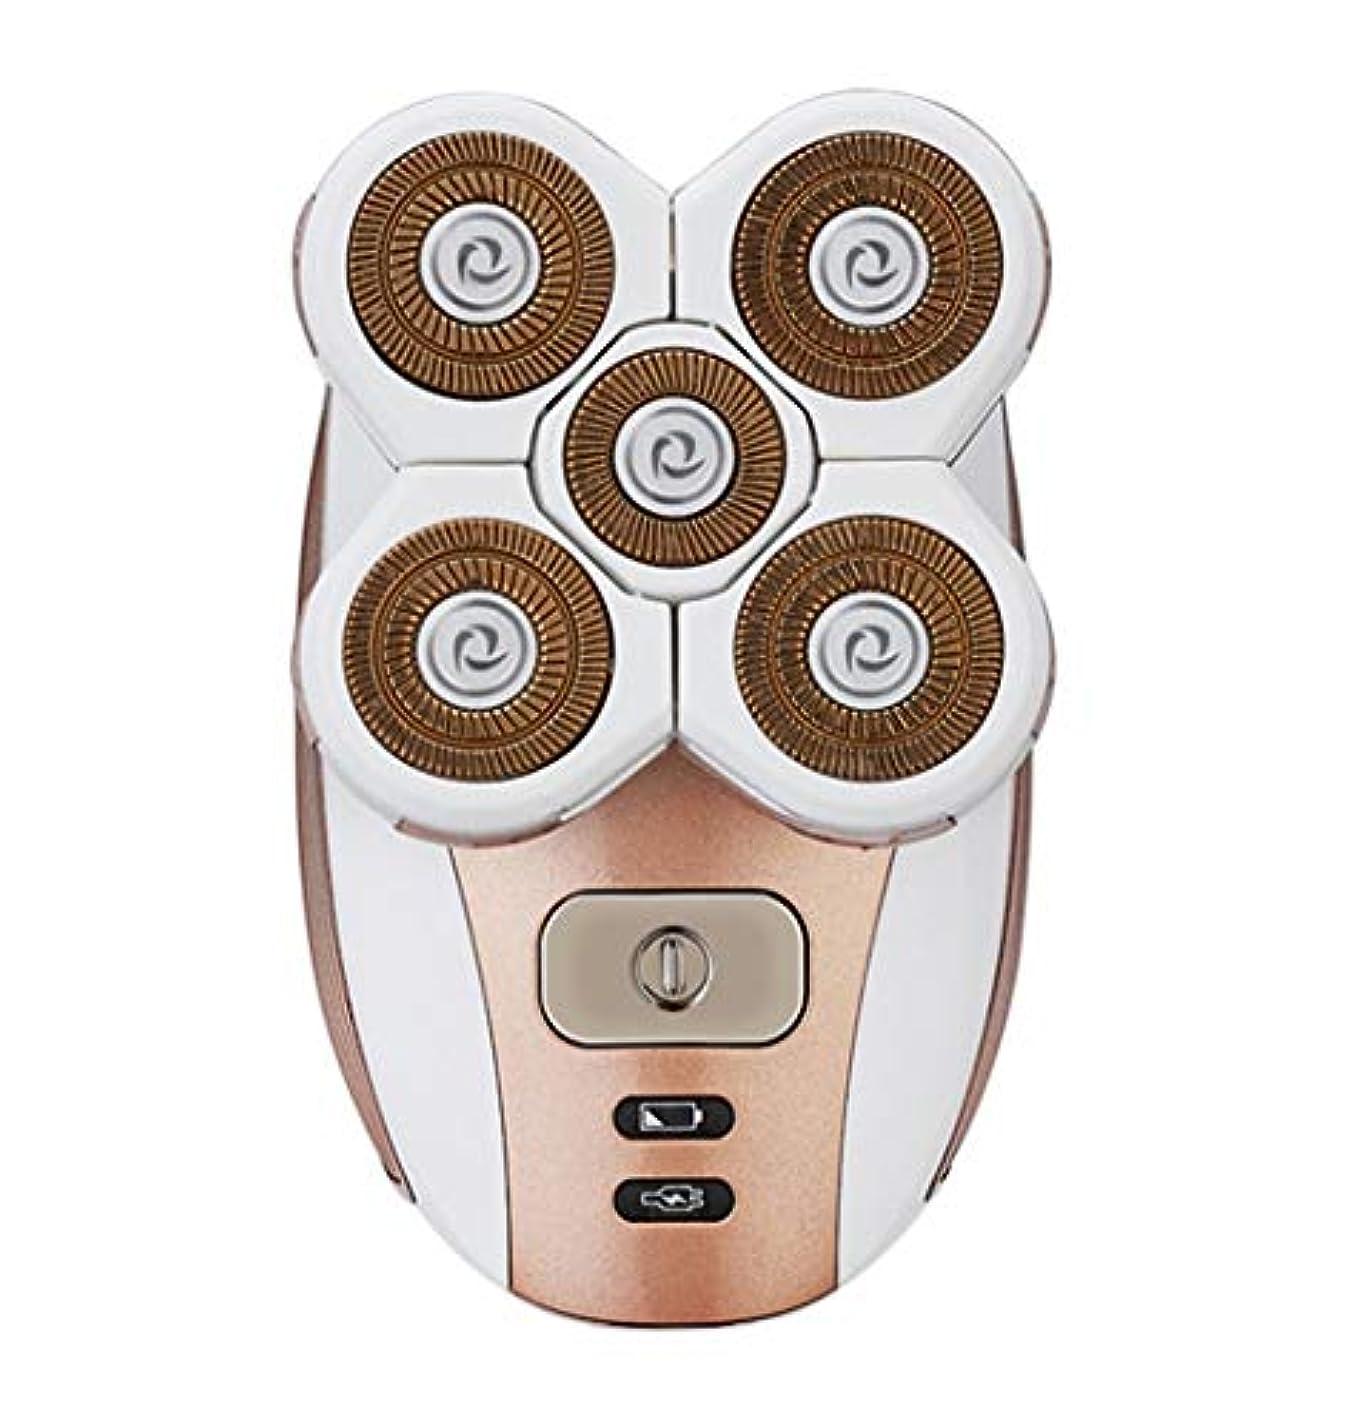 いちゃつく上向き言うまでもなくNZNB - 脱毛器 電気脱毛装置プライベートパーツシェービング器具脇の下陰毛剃毛レディーシェーバー - 8502